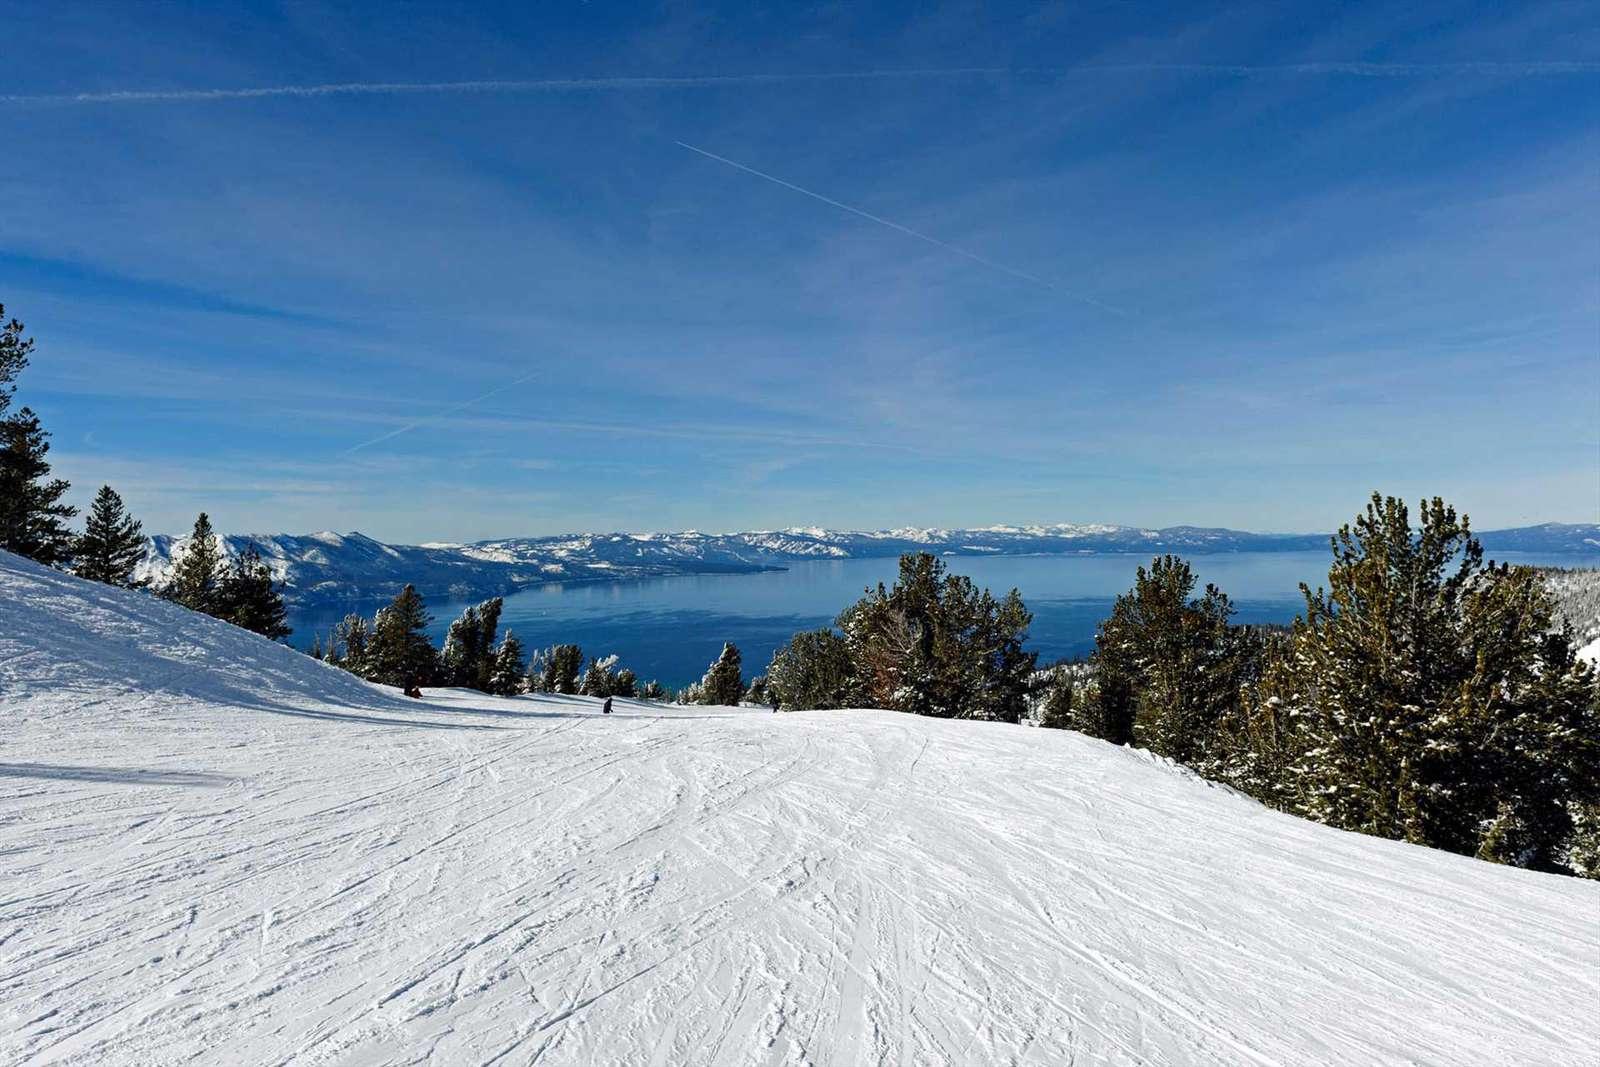 Winter Skiing at Lake Tahoe